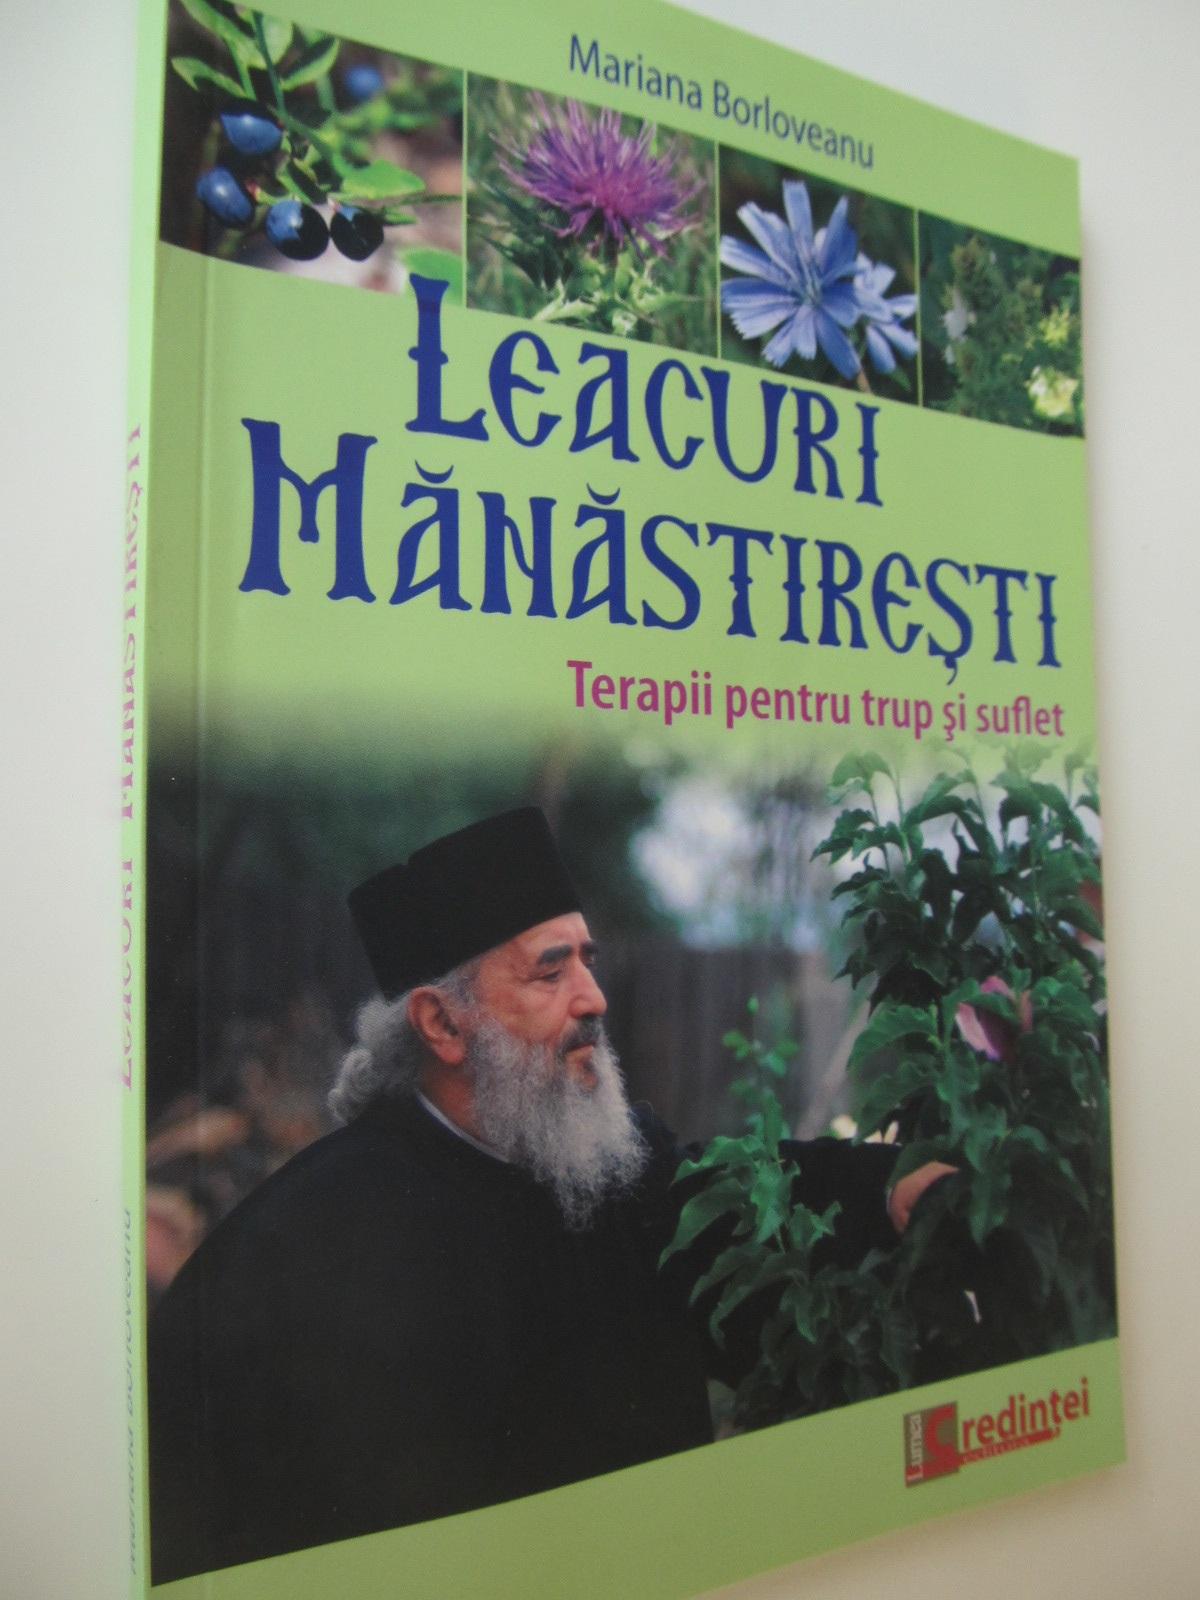 Leacuri manastiresti. Terapii pentru trup si suflet - Mariana Borloveanu | Detalii carte